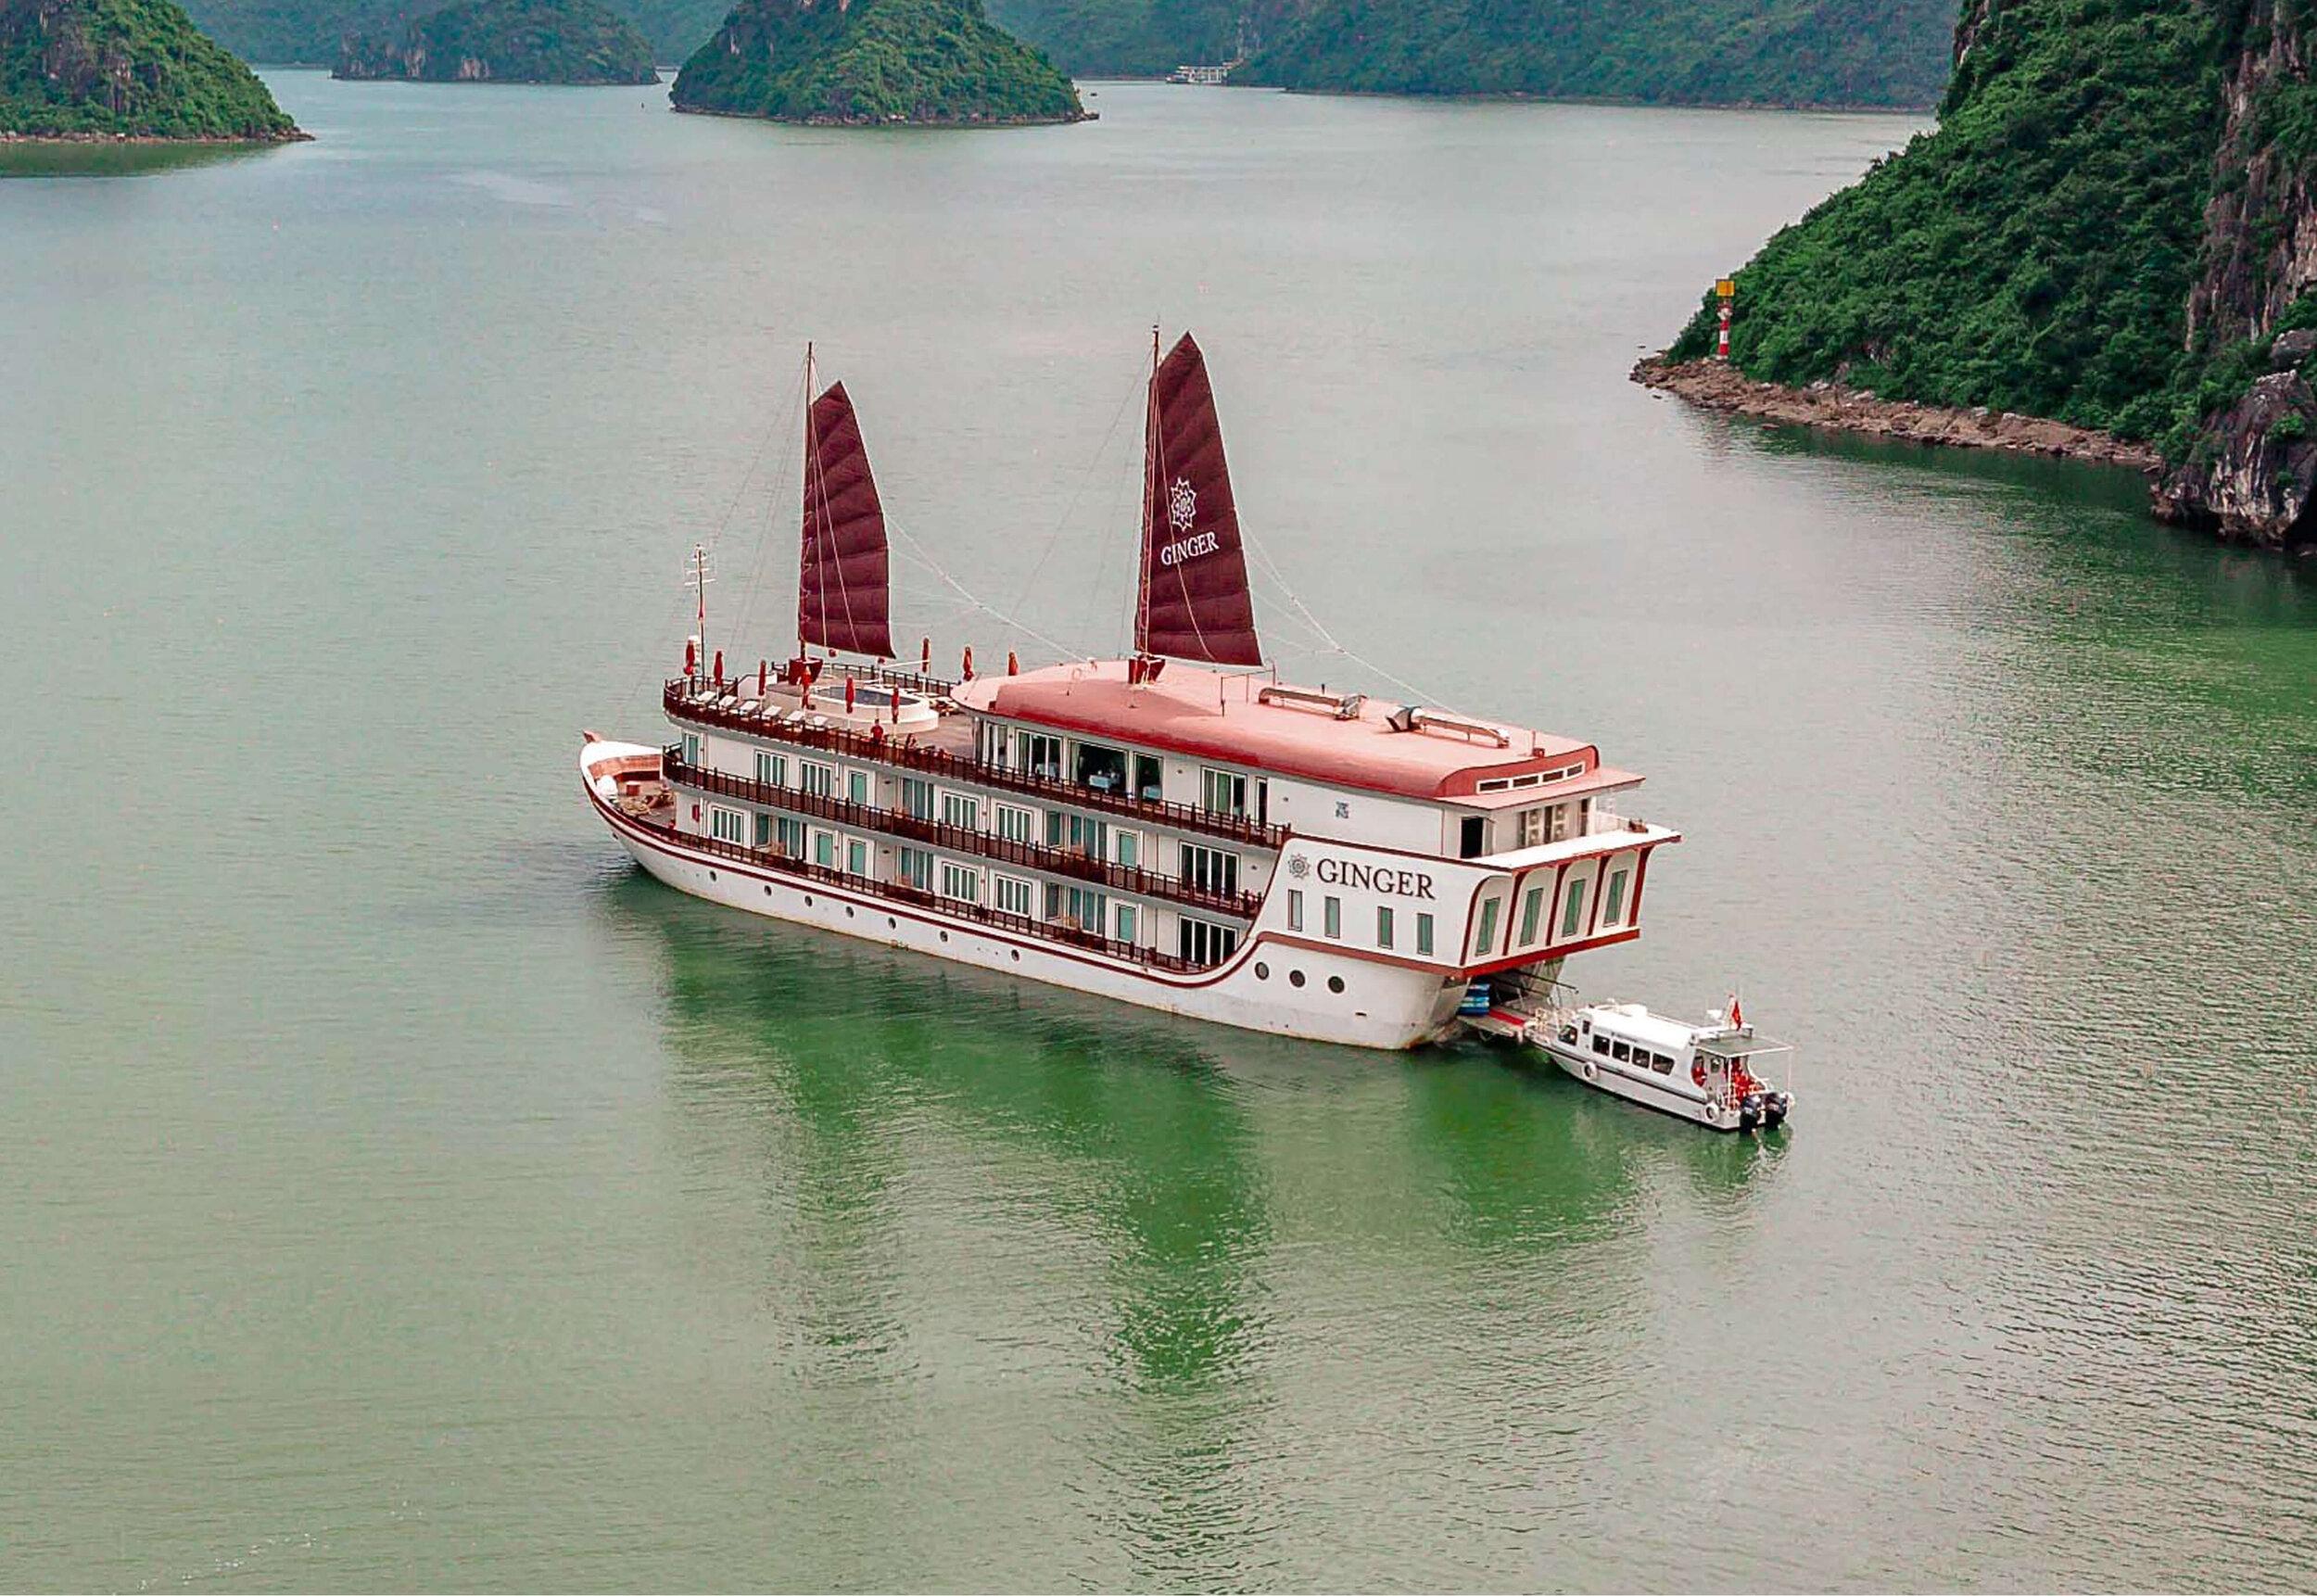 Heritage Line - Lan Ha Bay - Ginger - Ship 3 zoom in.jpg